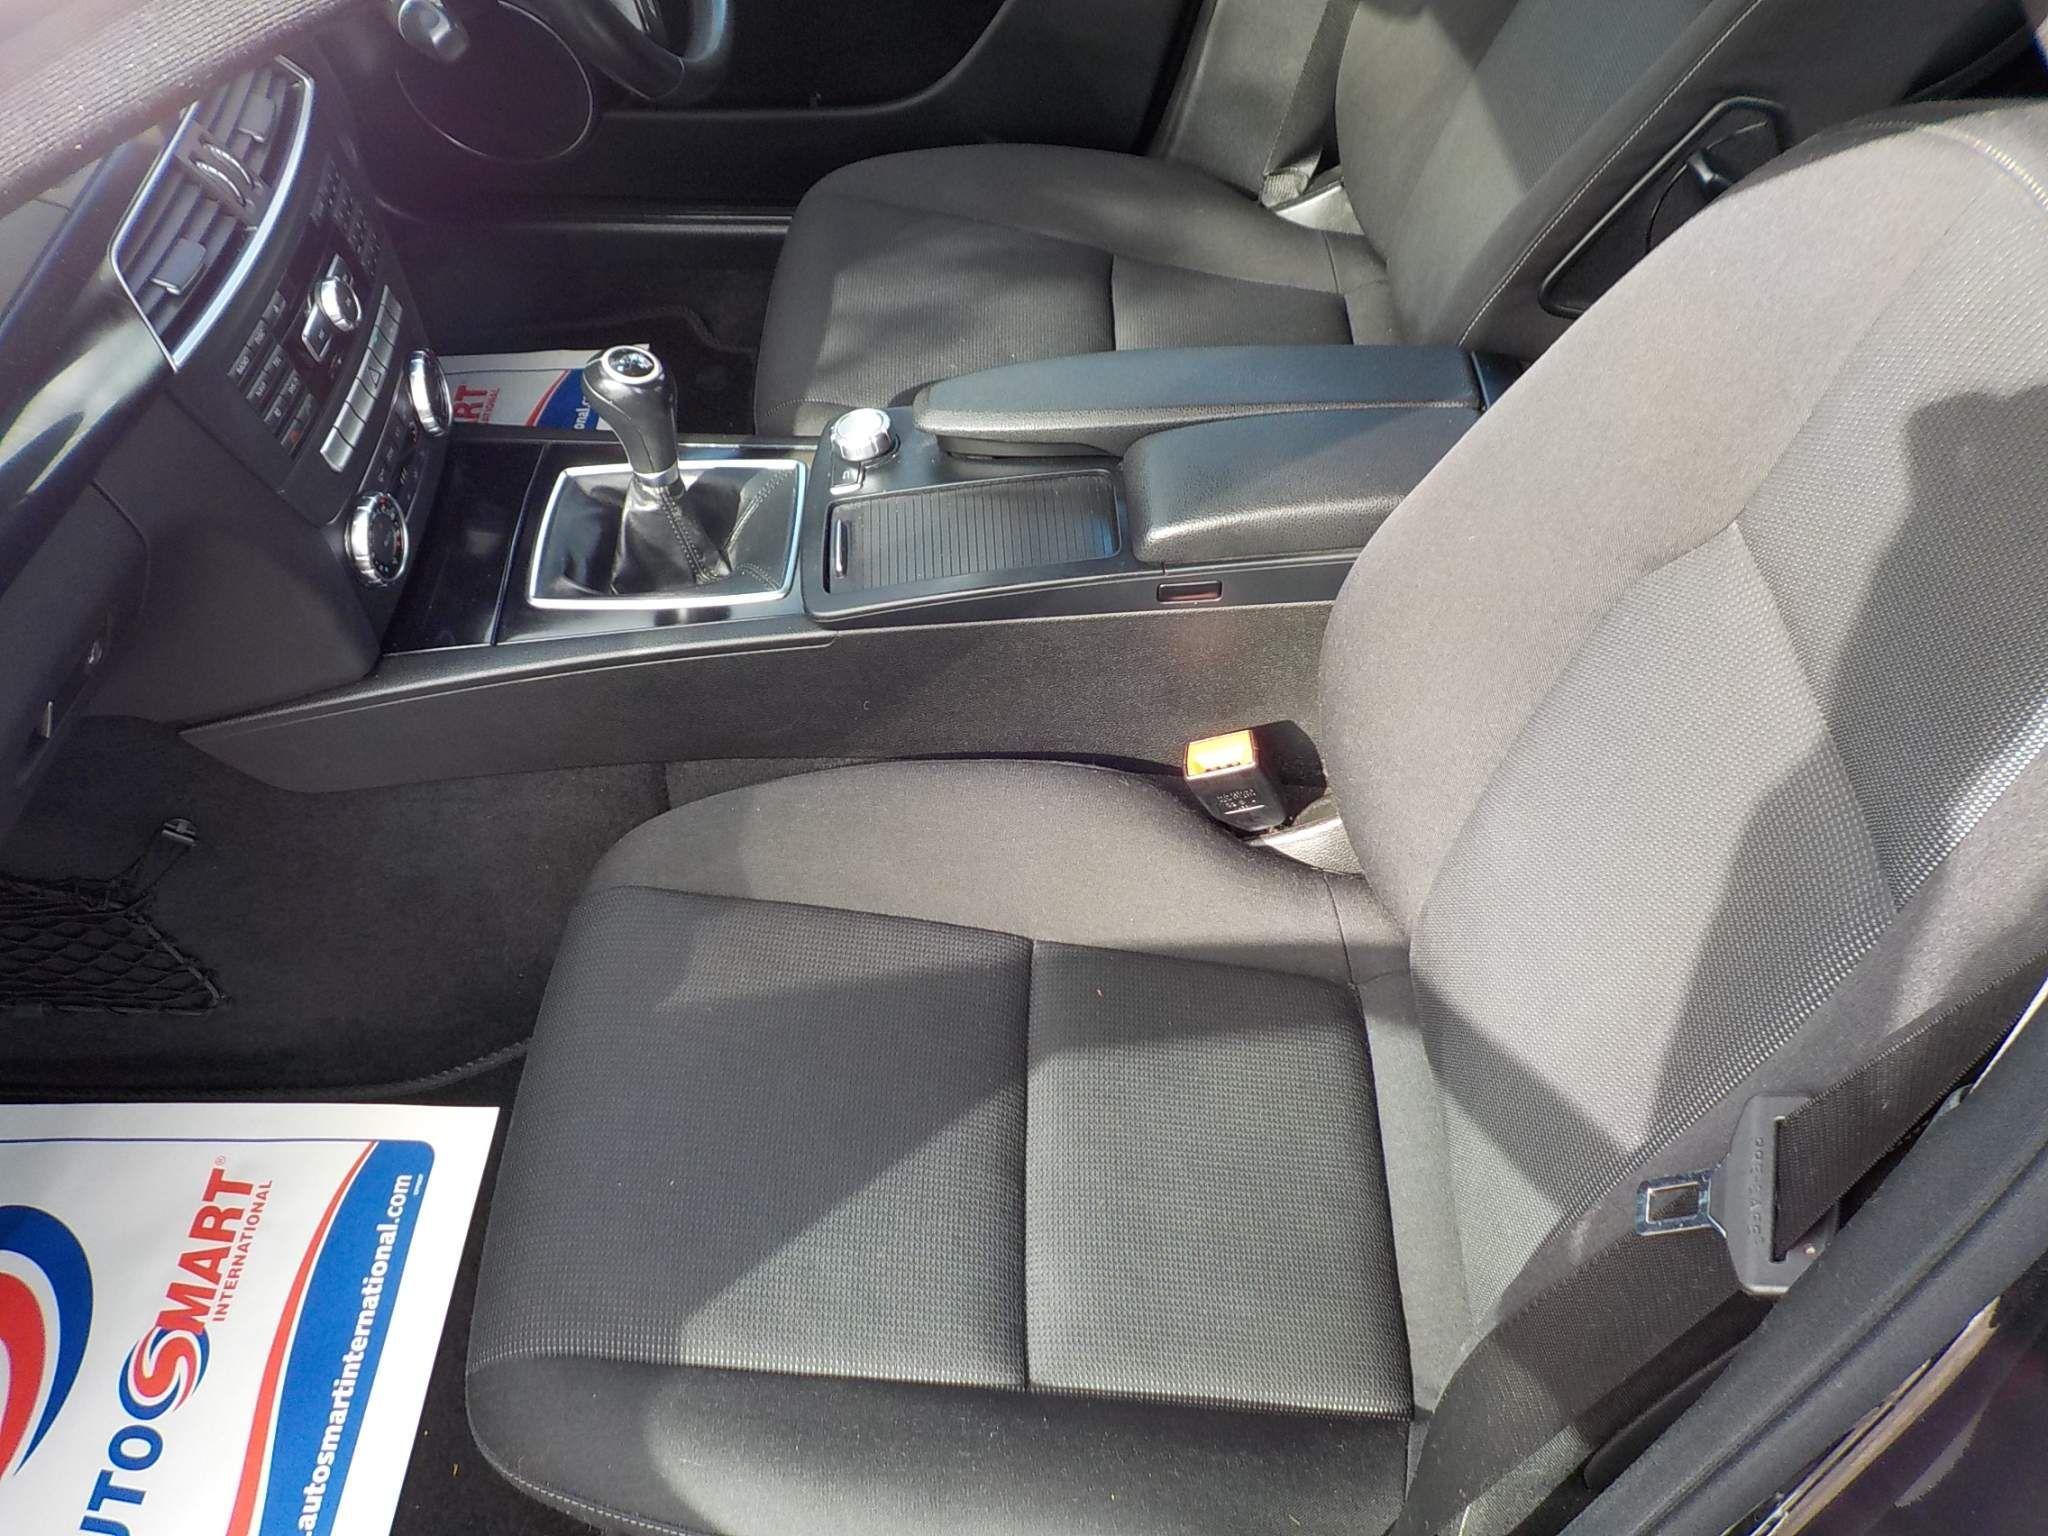 Mercedes-Benz C Class 2.1 C220 CDI BlueEFFICIENCY SE 4dr